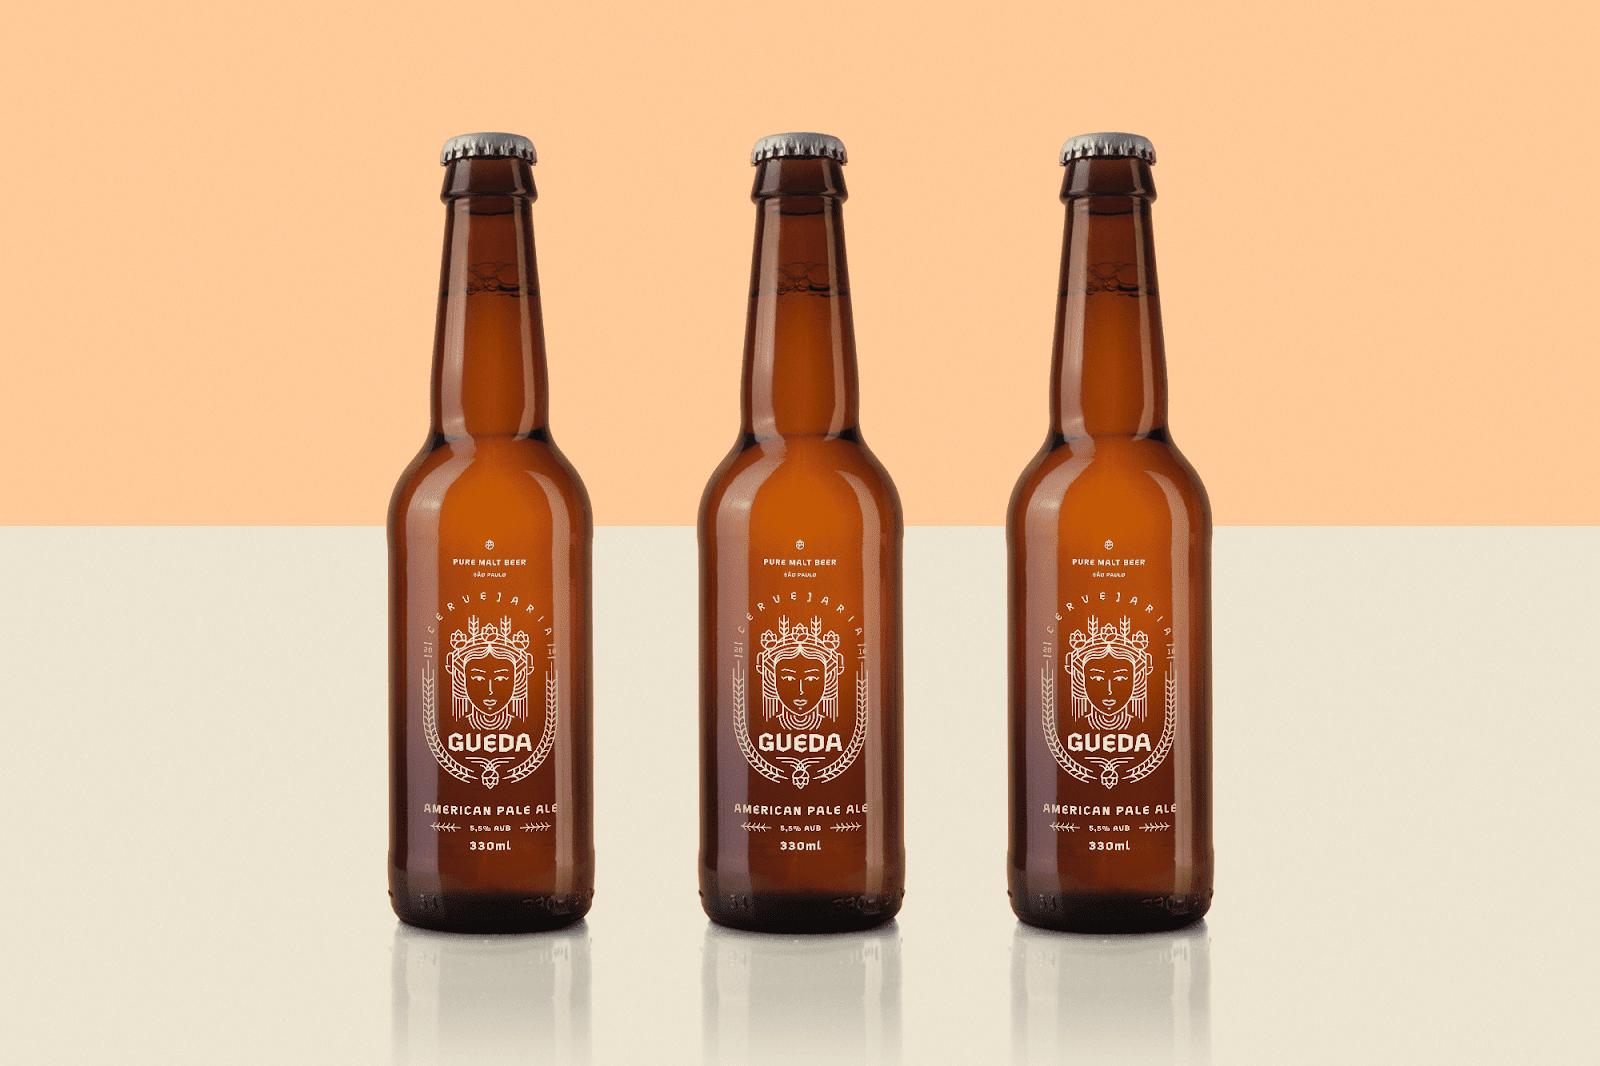 6 gueda - Ach, tie obaly – Gueda Brewing Co.